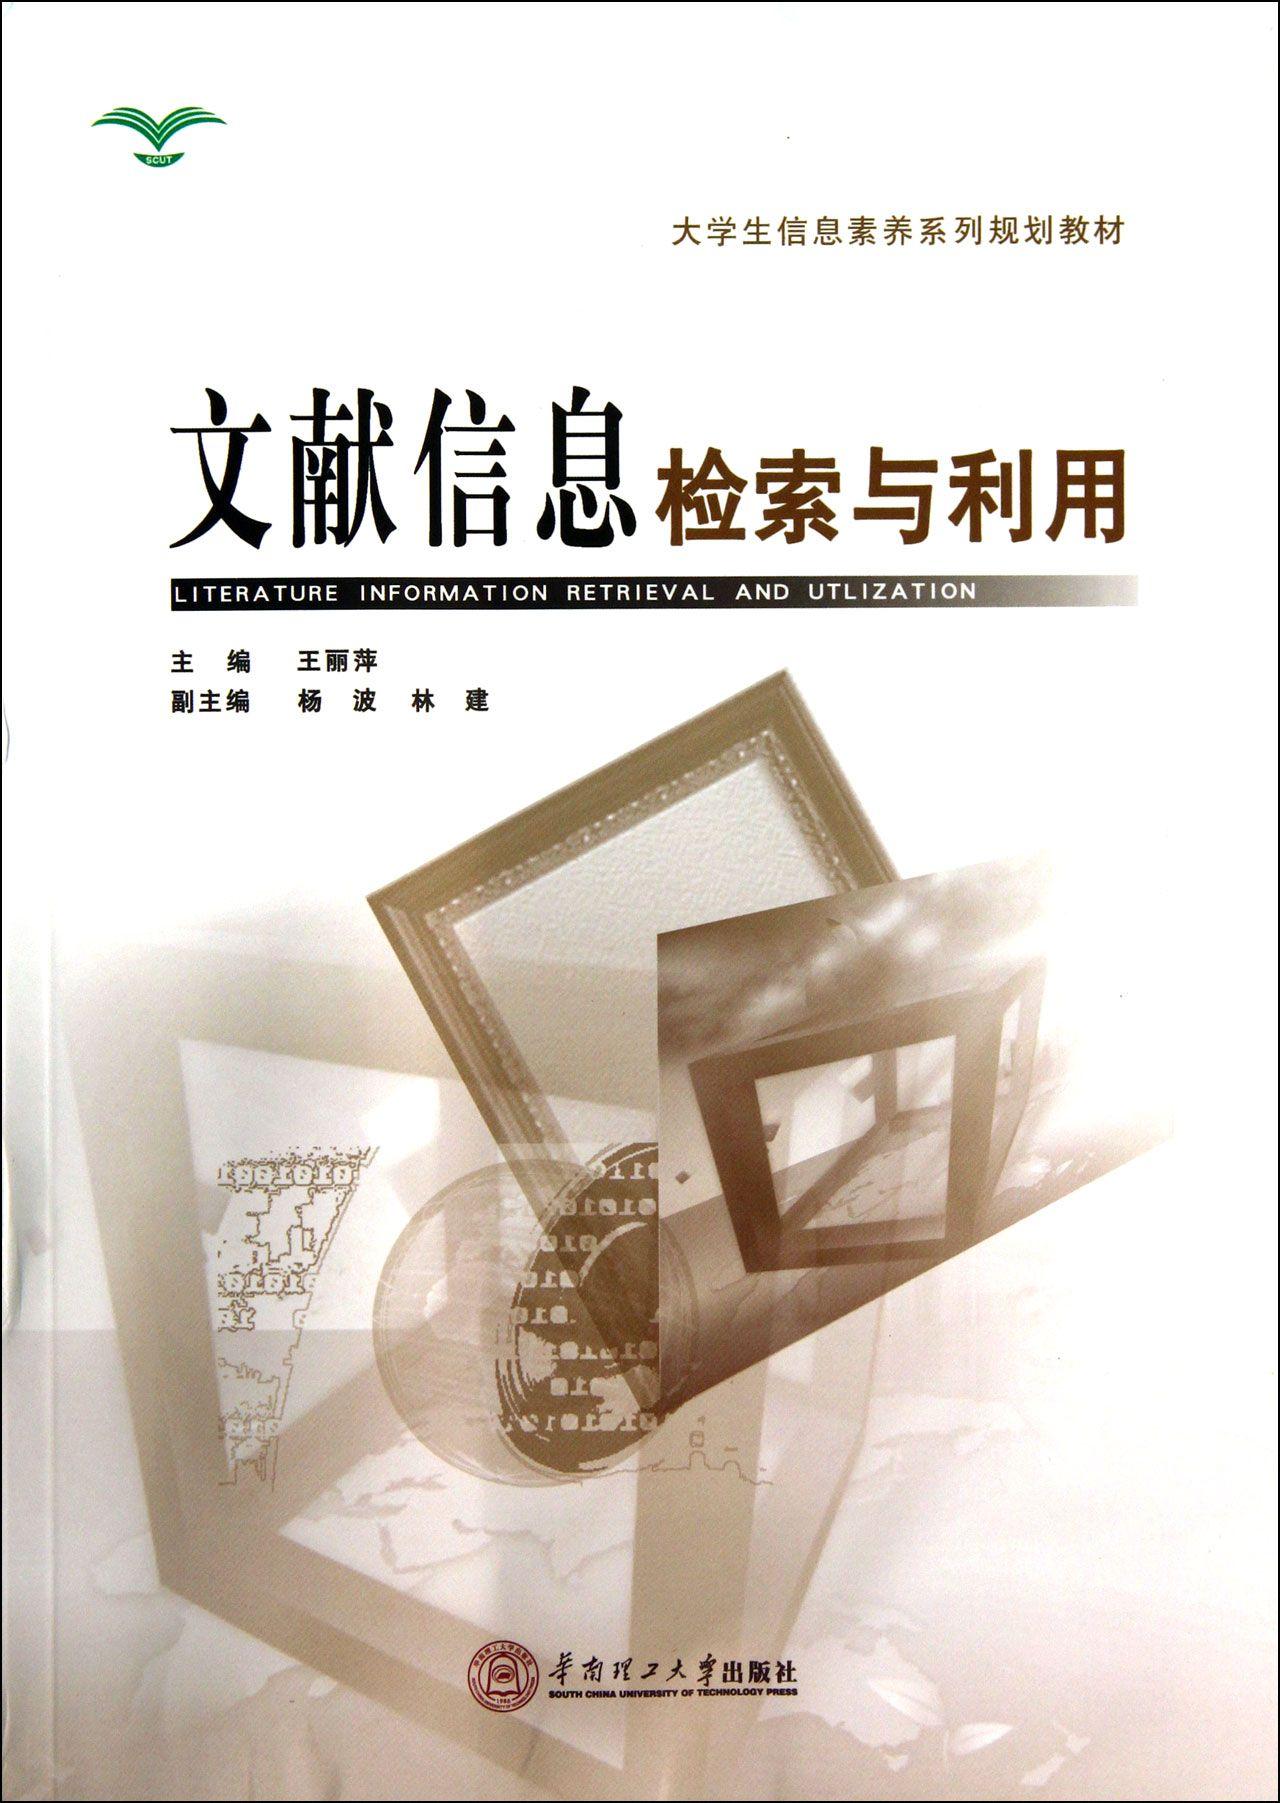 文献信息检索与利用(大学生信息素养系列规划教材)